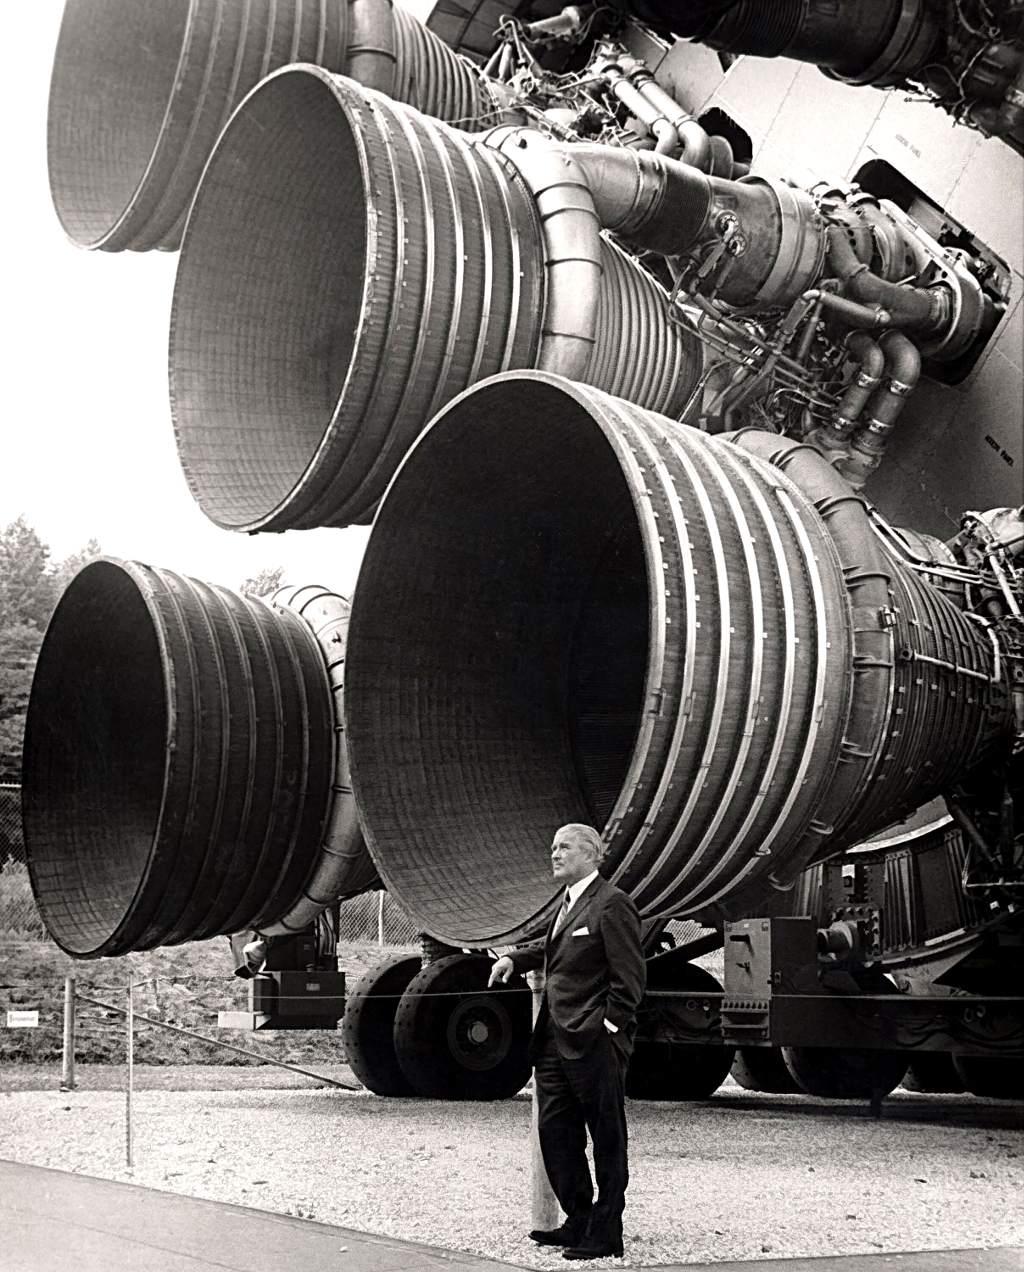 Động cơ F-1 thế hệ thứ nhất của tên lửa Saturn V.